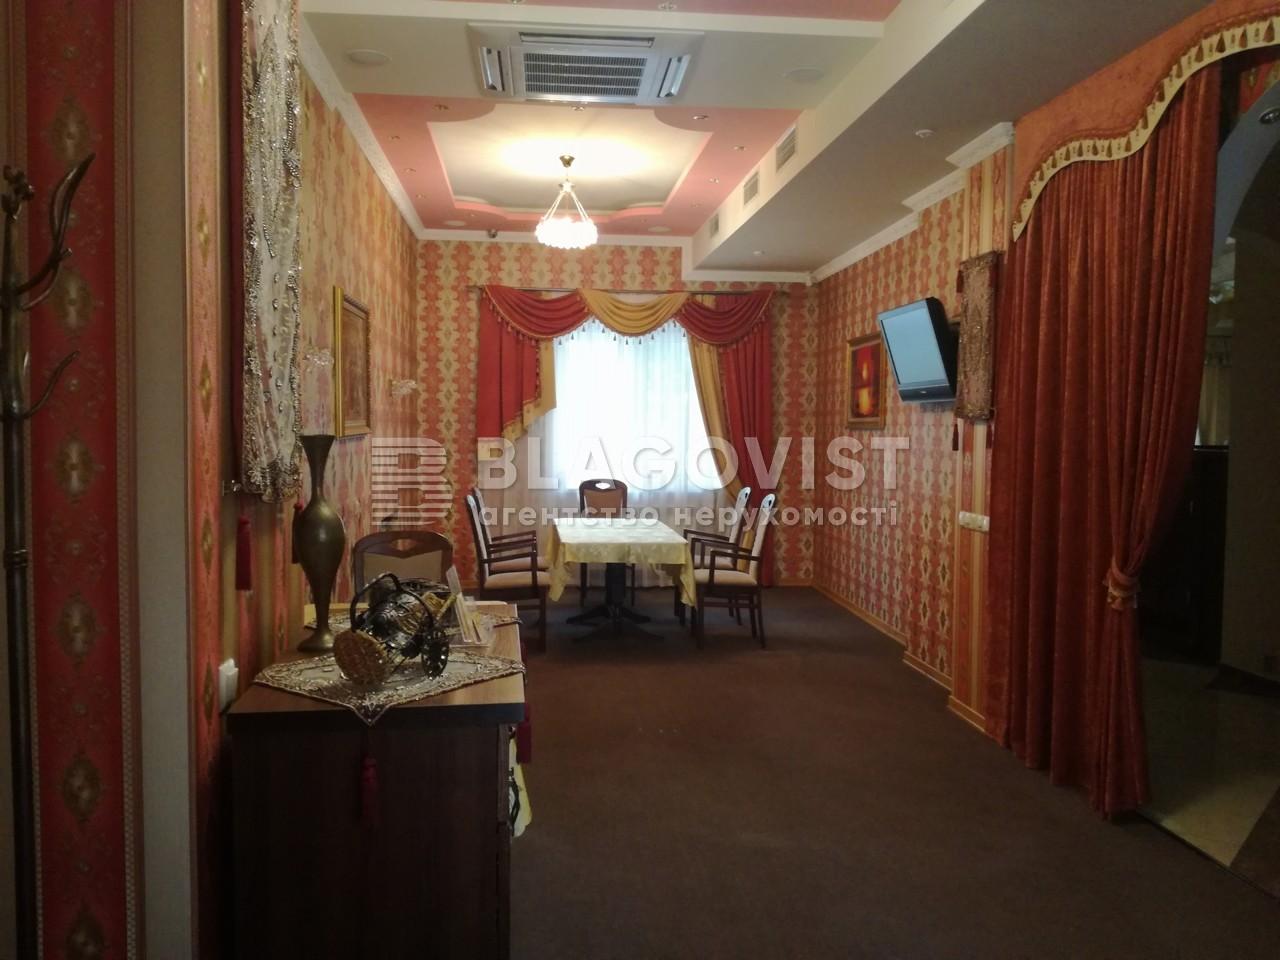 Нежилое помещение, Z-232172, Калнишевского Петра (Майорова М.), Киев - Фото 10